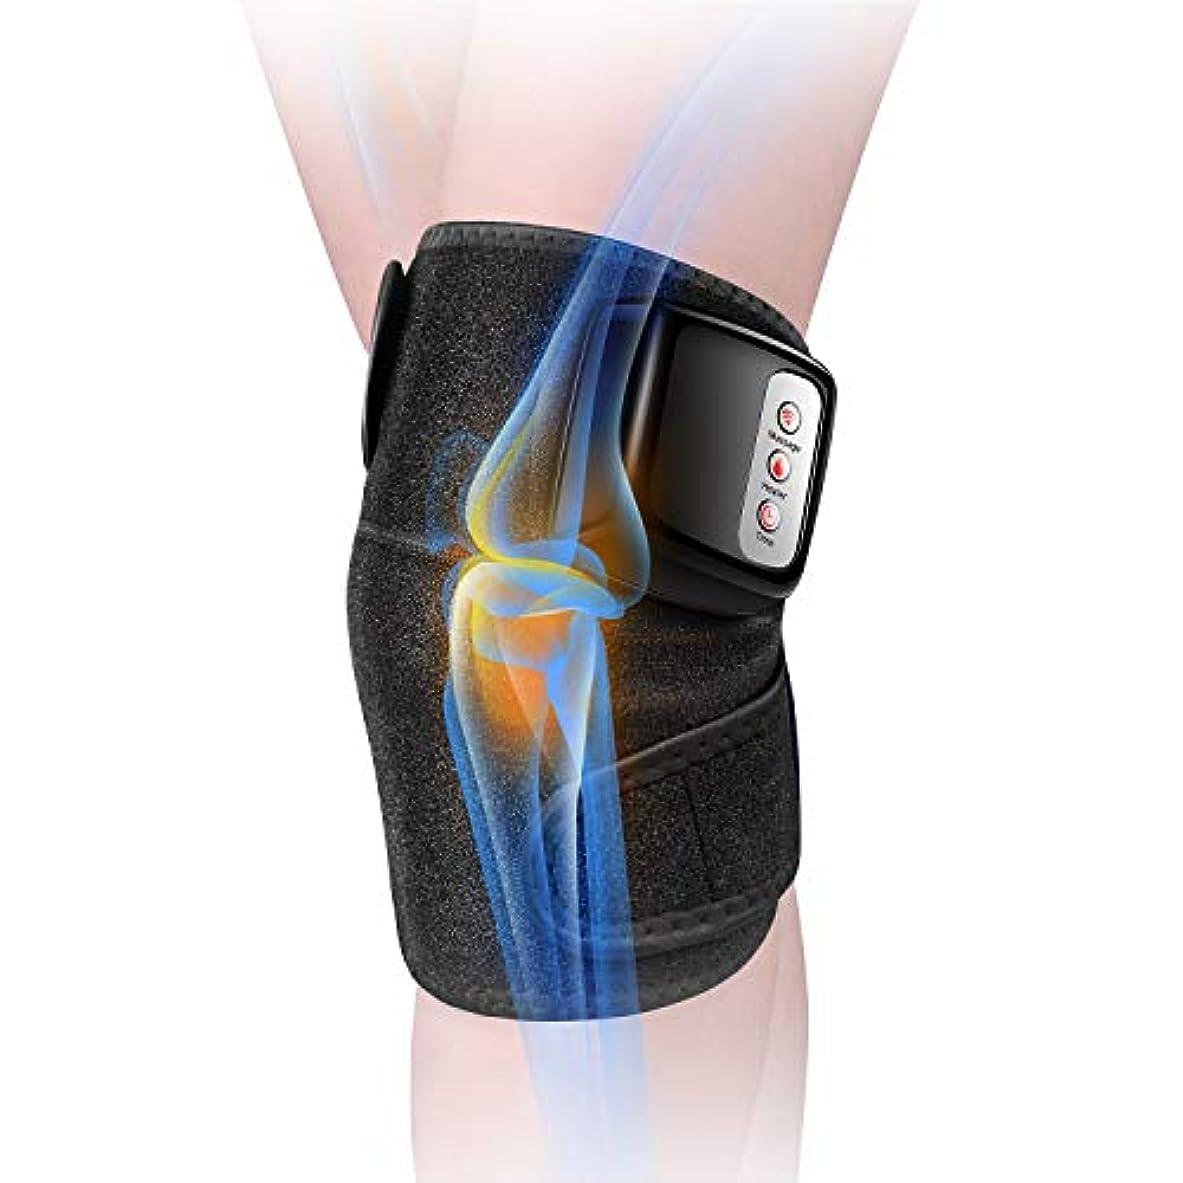 議題急降下有効な膝マッサージャー 関節マッサージャー マッサージ器 フットマッサージャー 振動 赤外線療法 温熱療法 膝サポーター ストレス解消 肩 太もも/腕対応